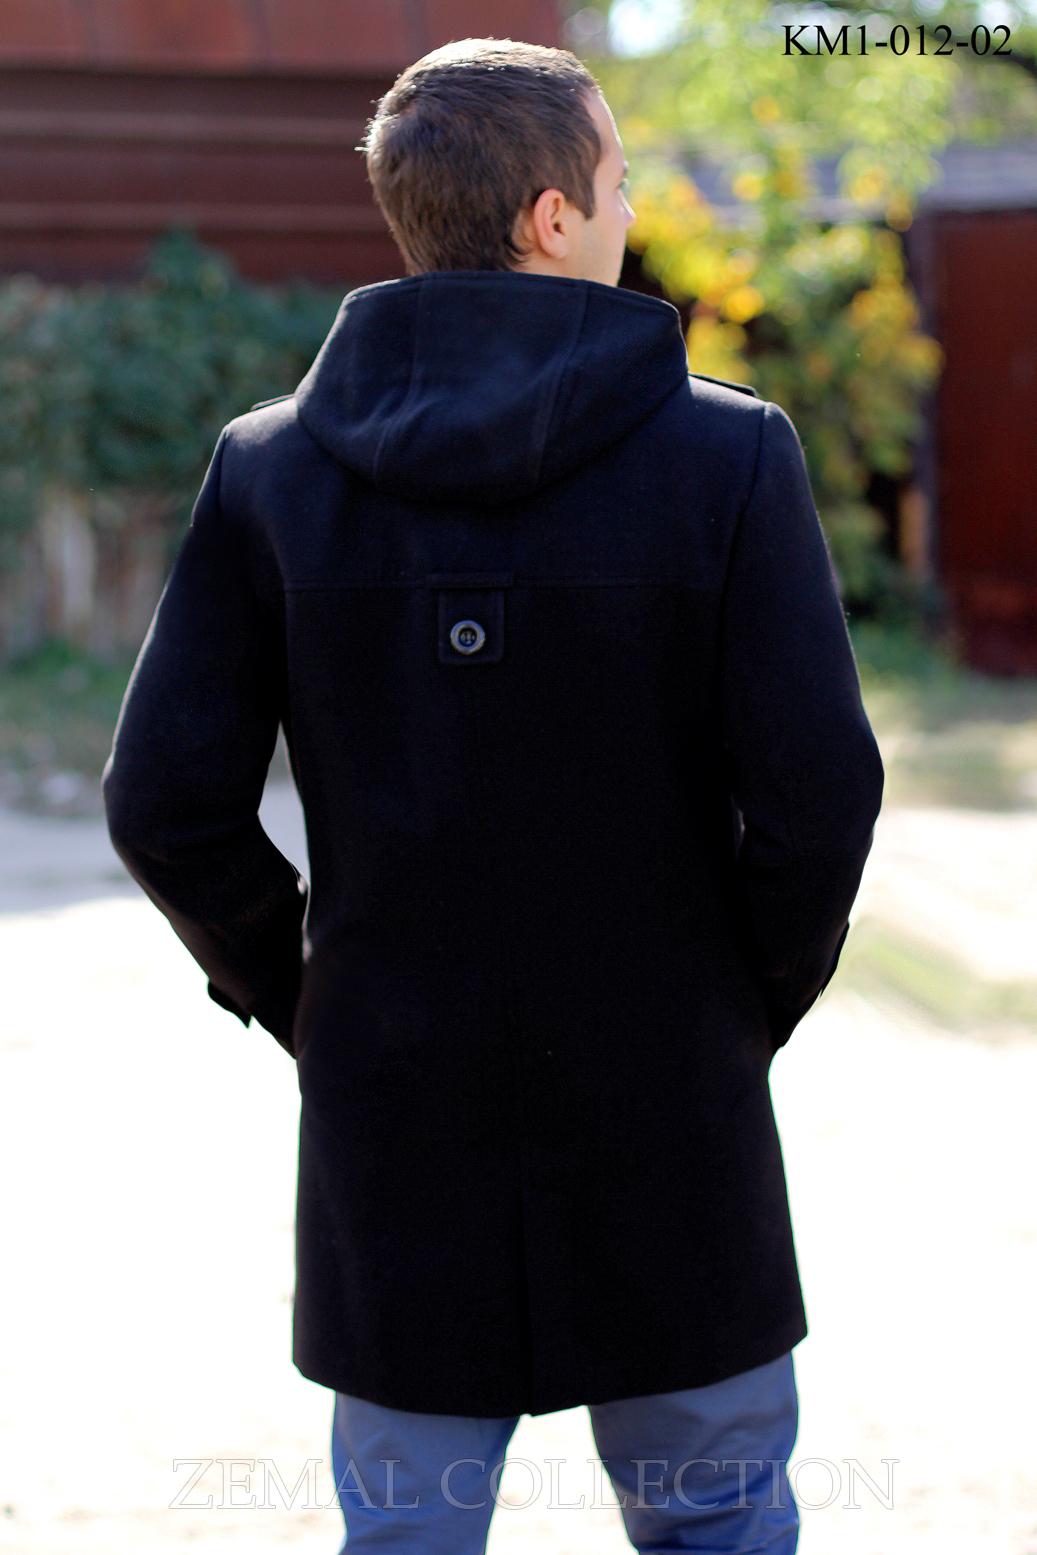 Как выбрать и где приобрести качественное мужское пальто  526083df48d98